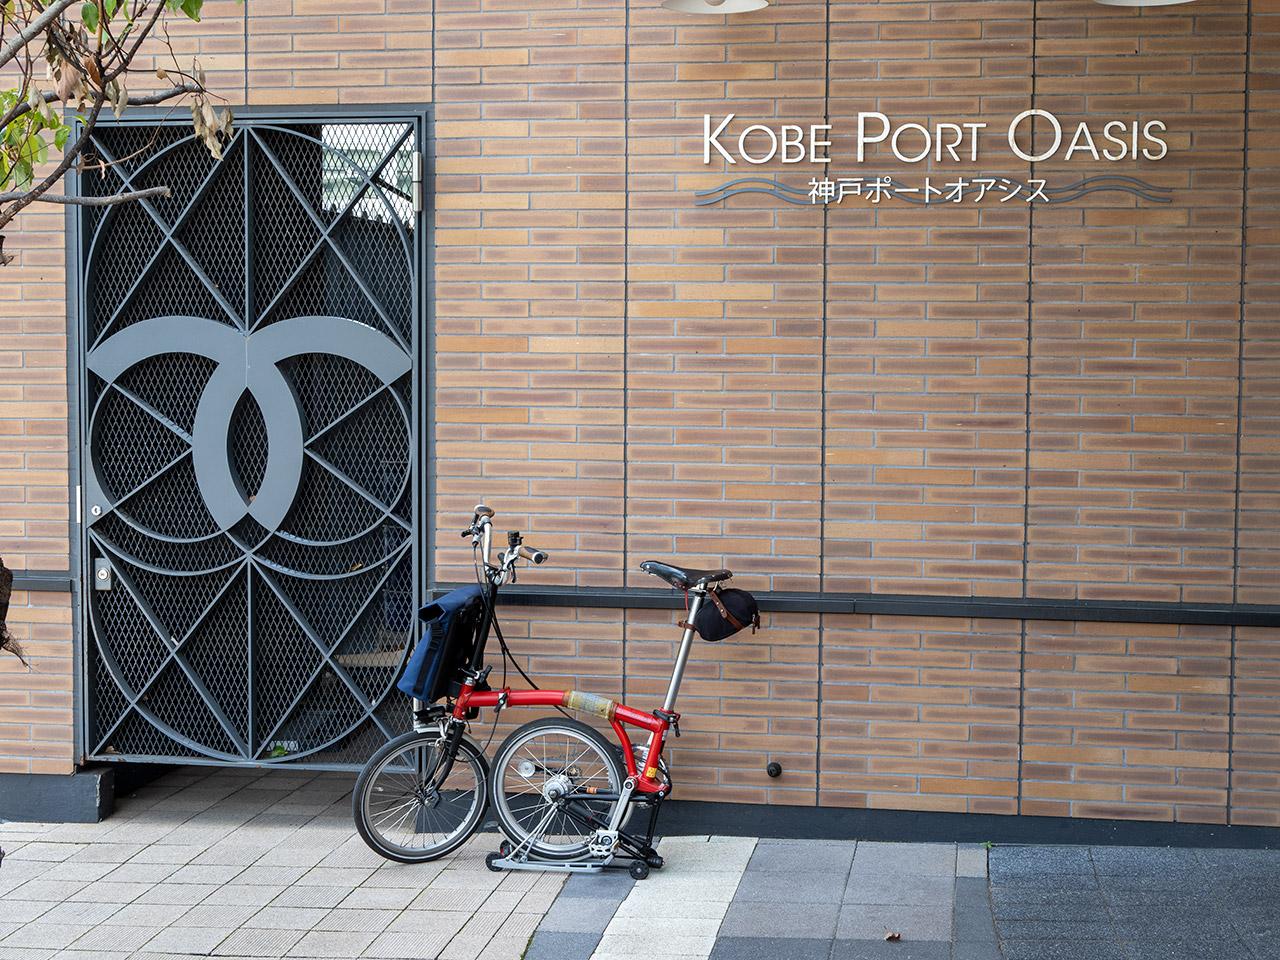 神戸ポートオアシス 2021